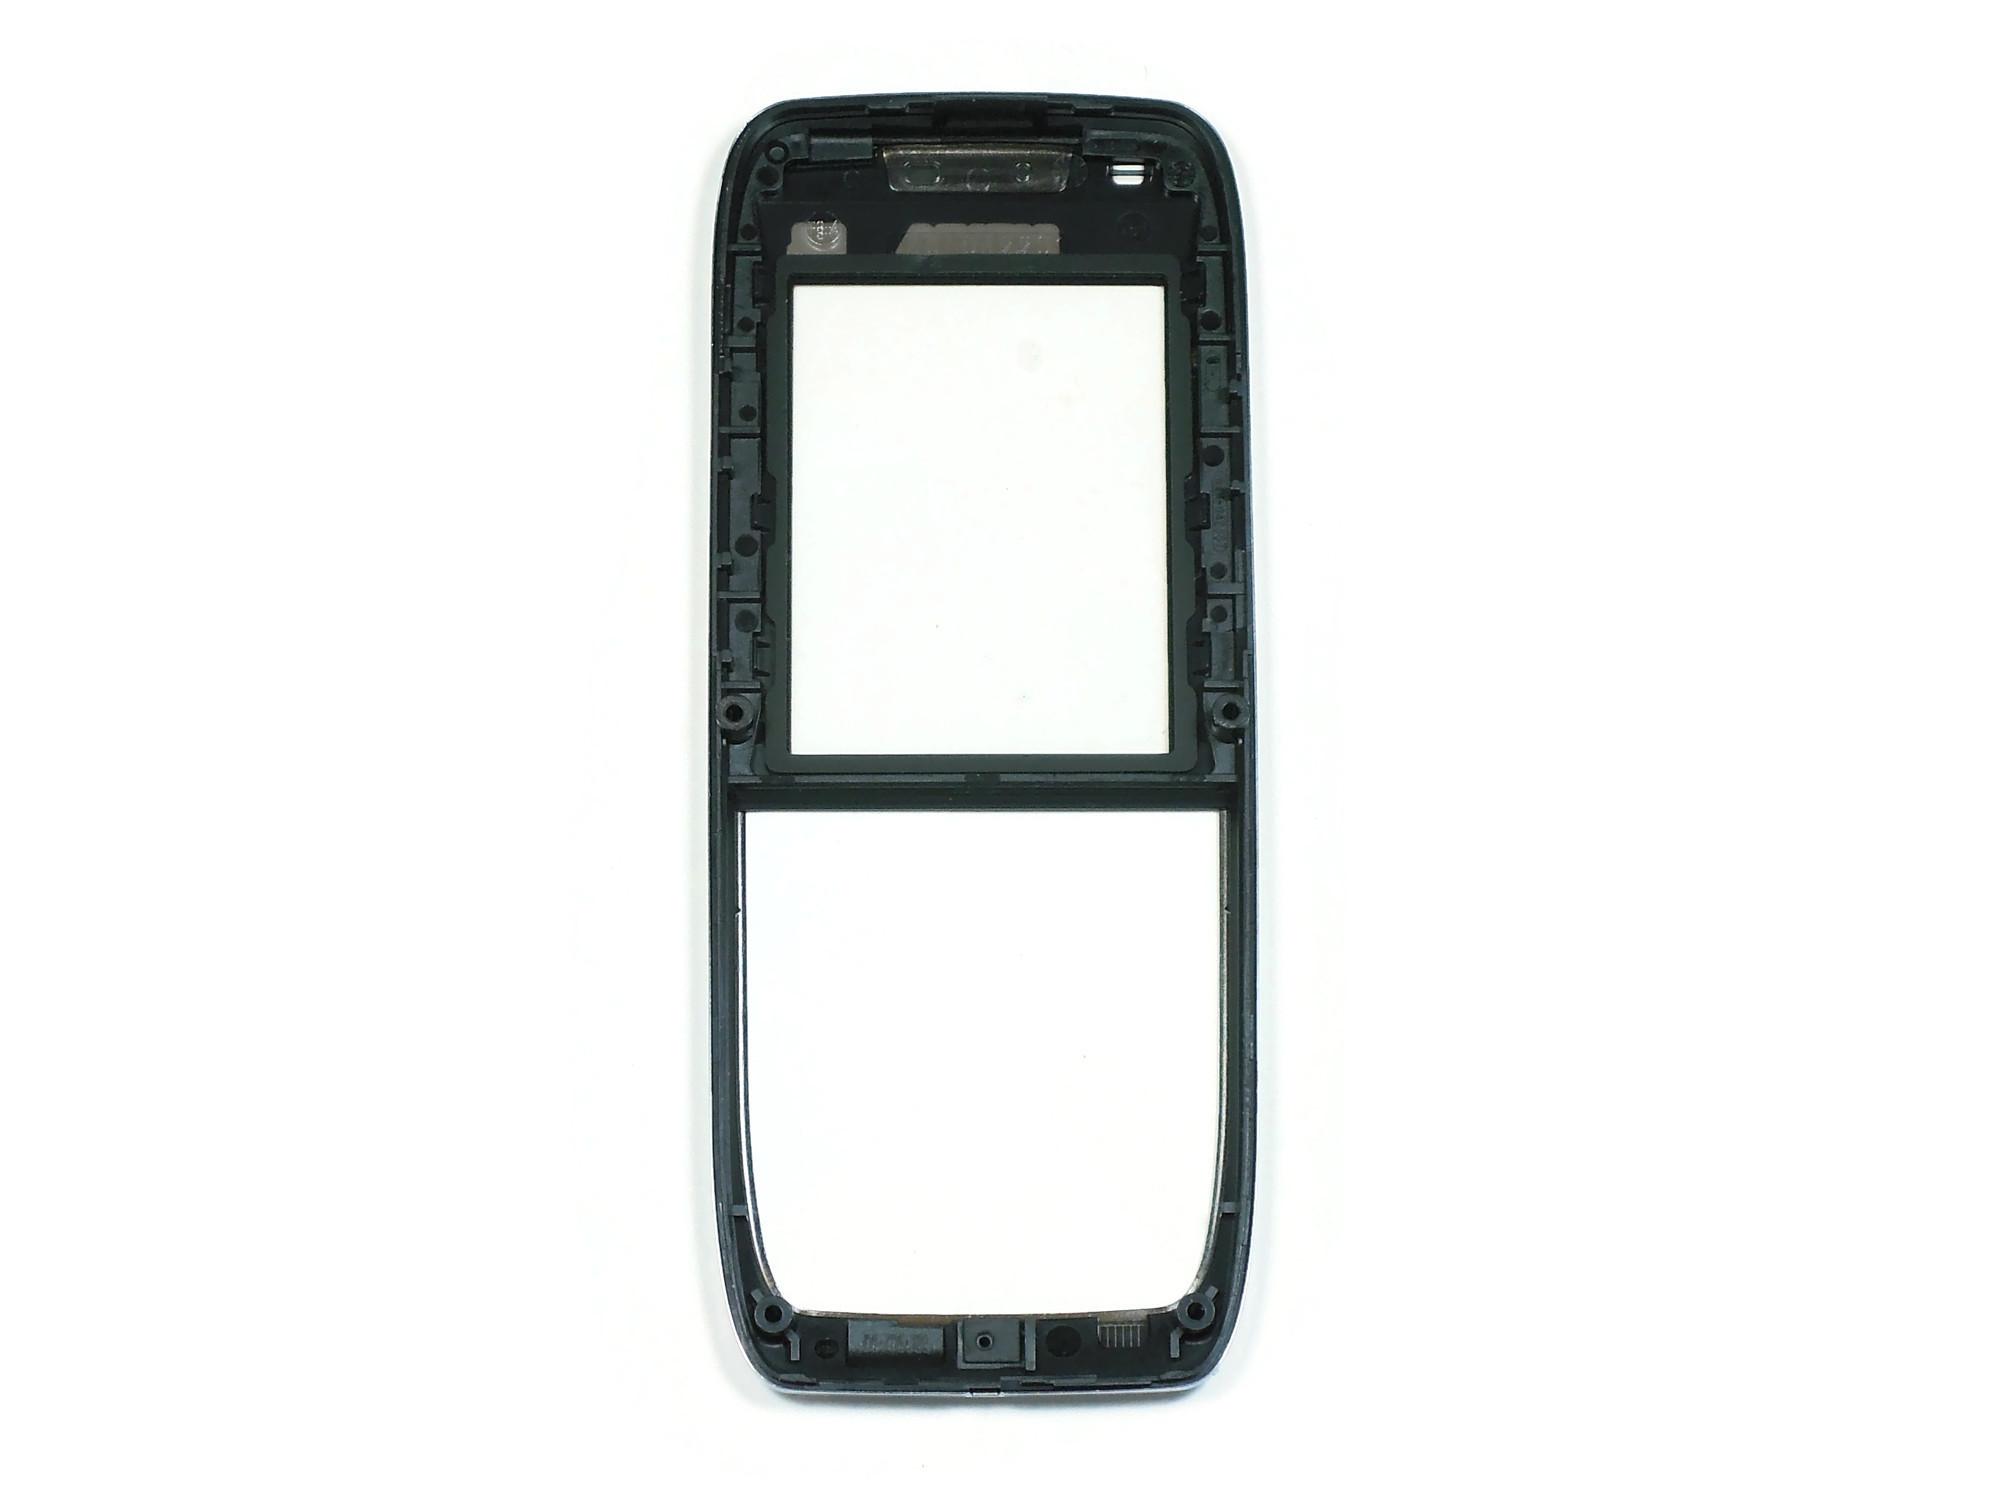 Передняя панель корпуса Nokia E51 (Black/Chrome) с защитным стеклом оригинал 100%